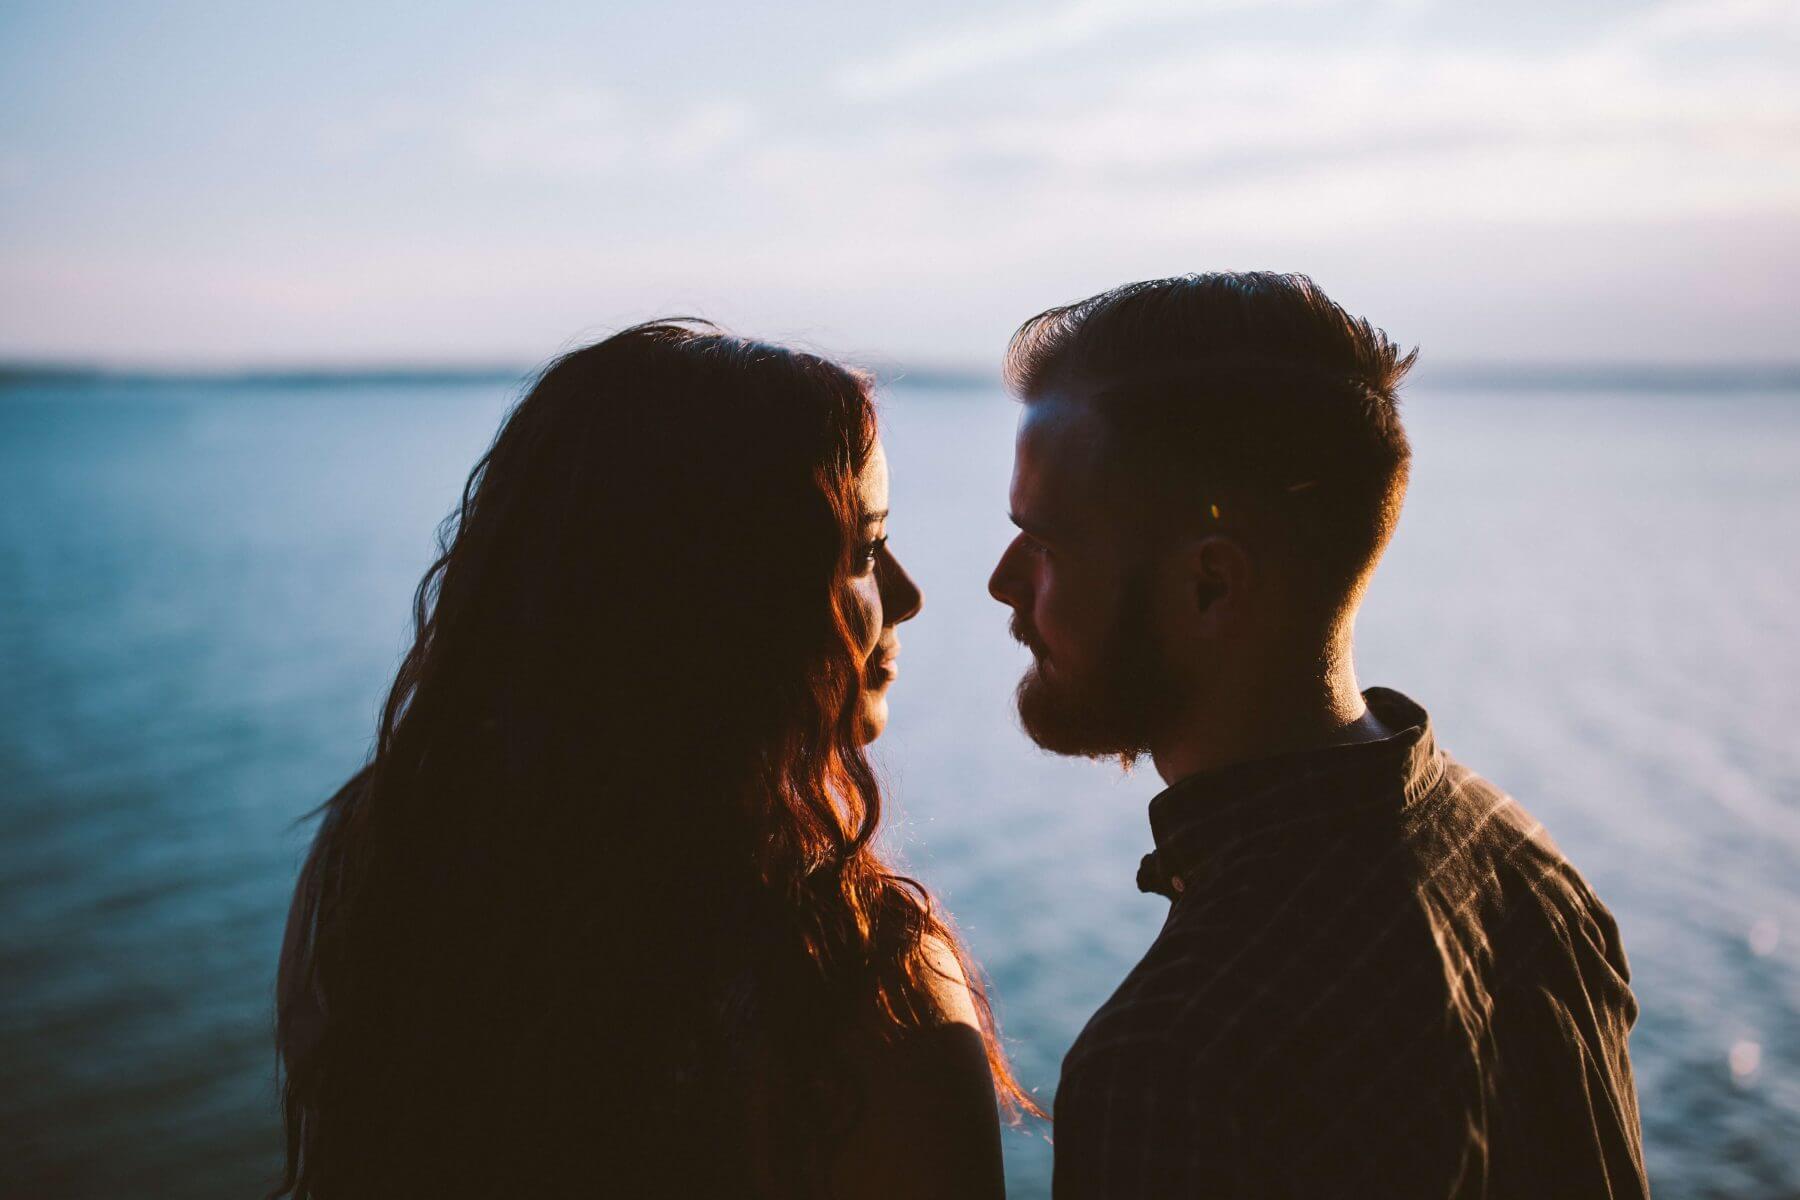 El amor se demuestra